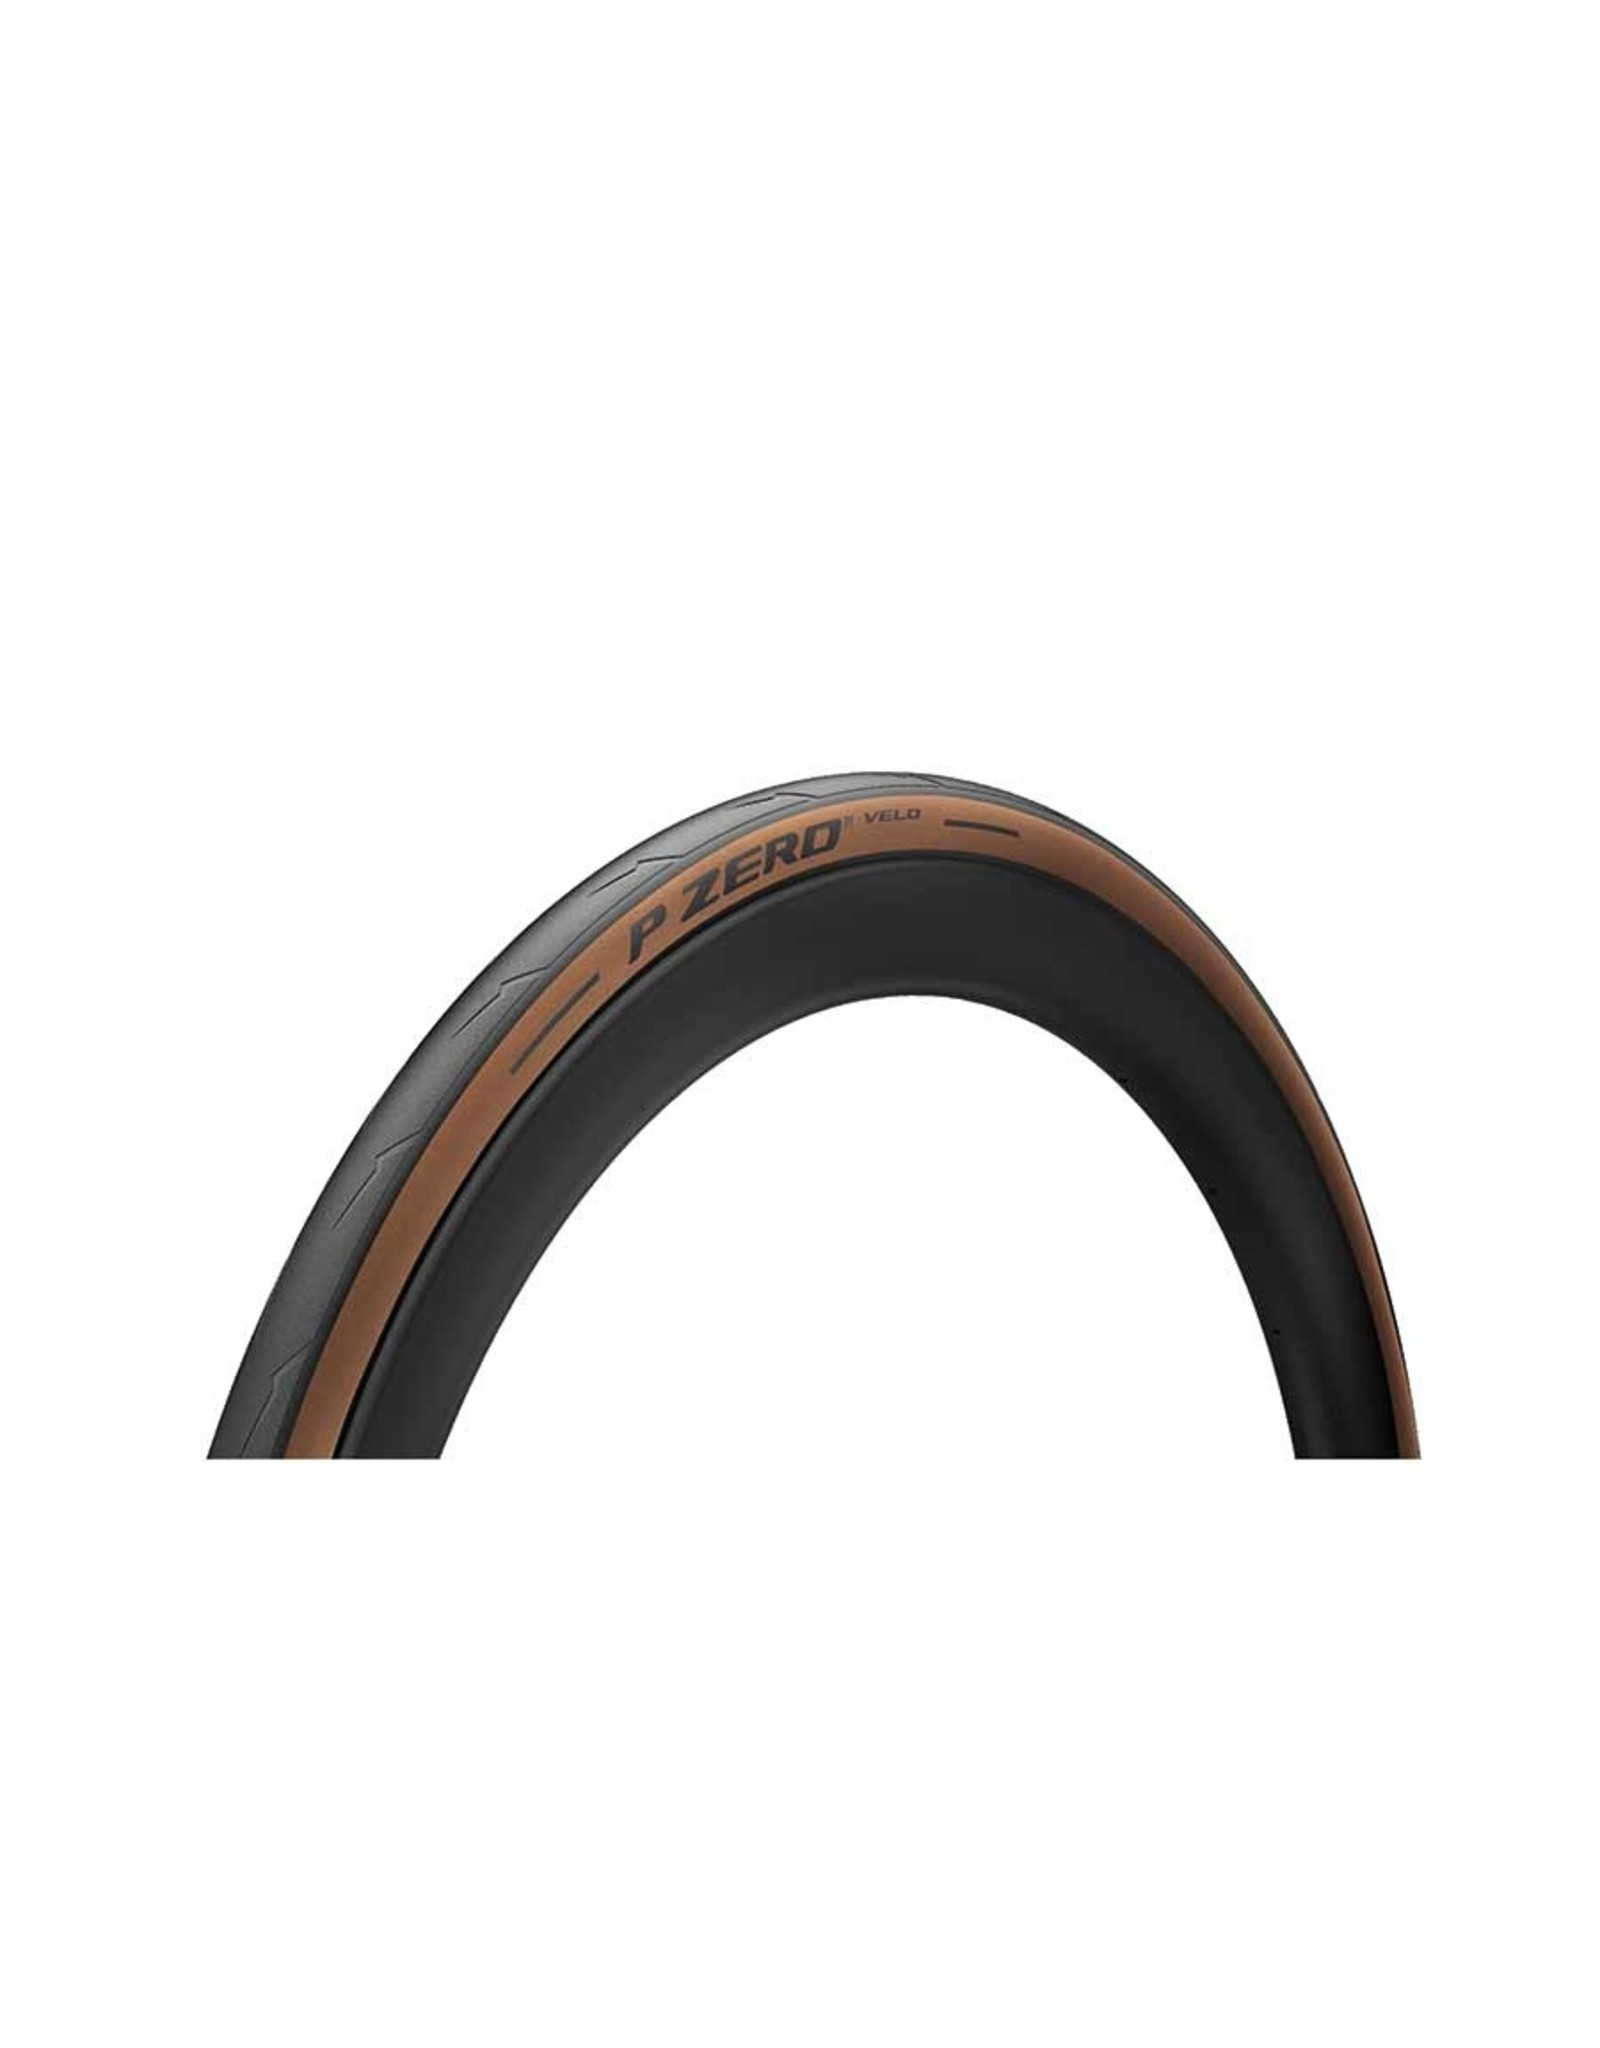 Pirelli, PZero Velo, Tire, 700x28C, Folding, Clincher, Smartnet Silica, Aramid Fiber, 127TPI, Beige